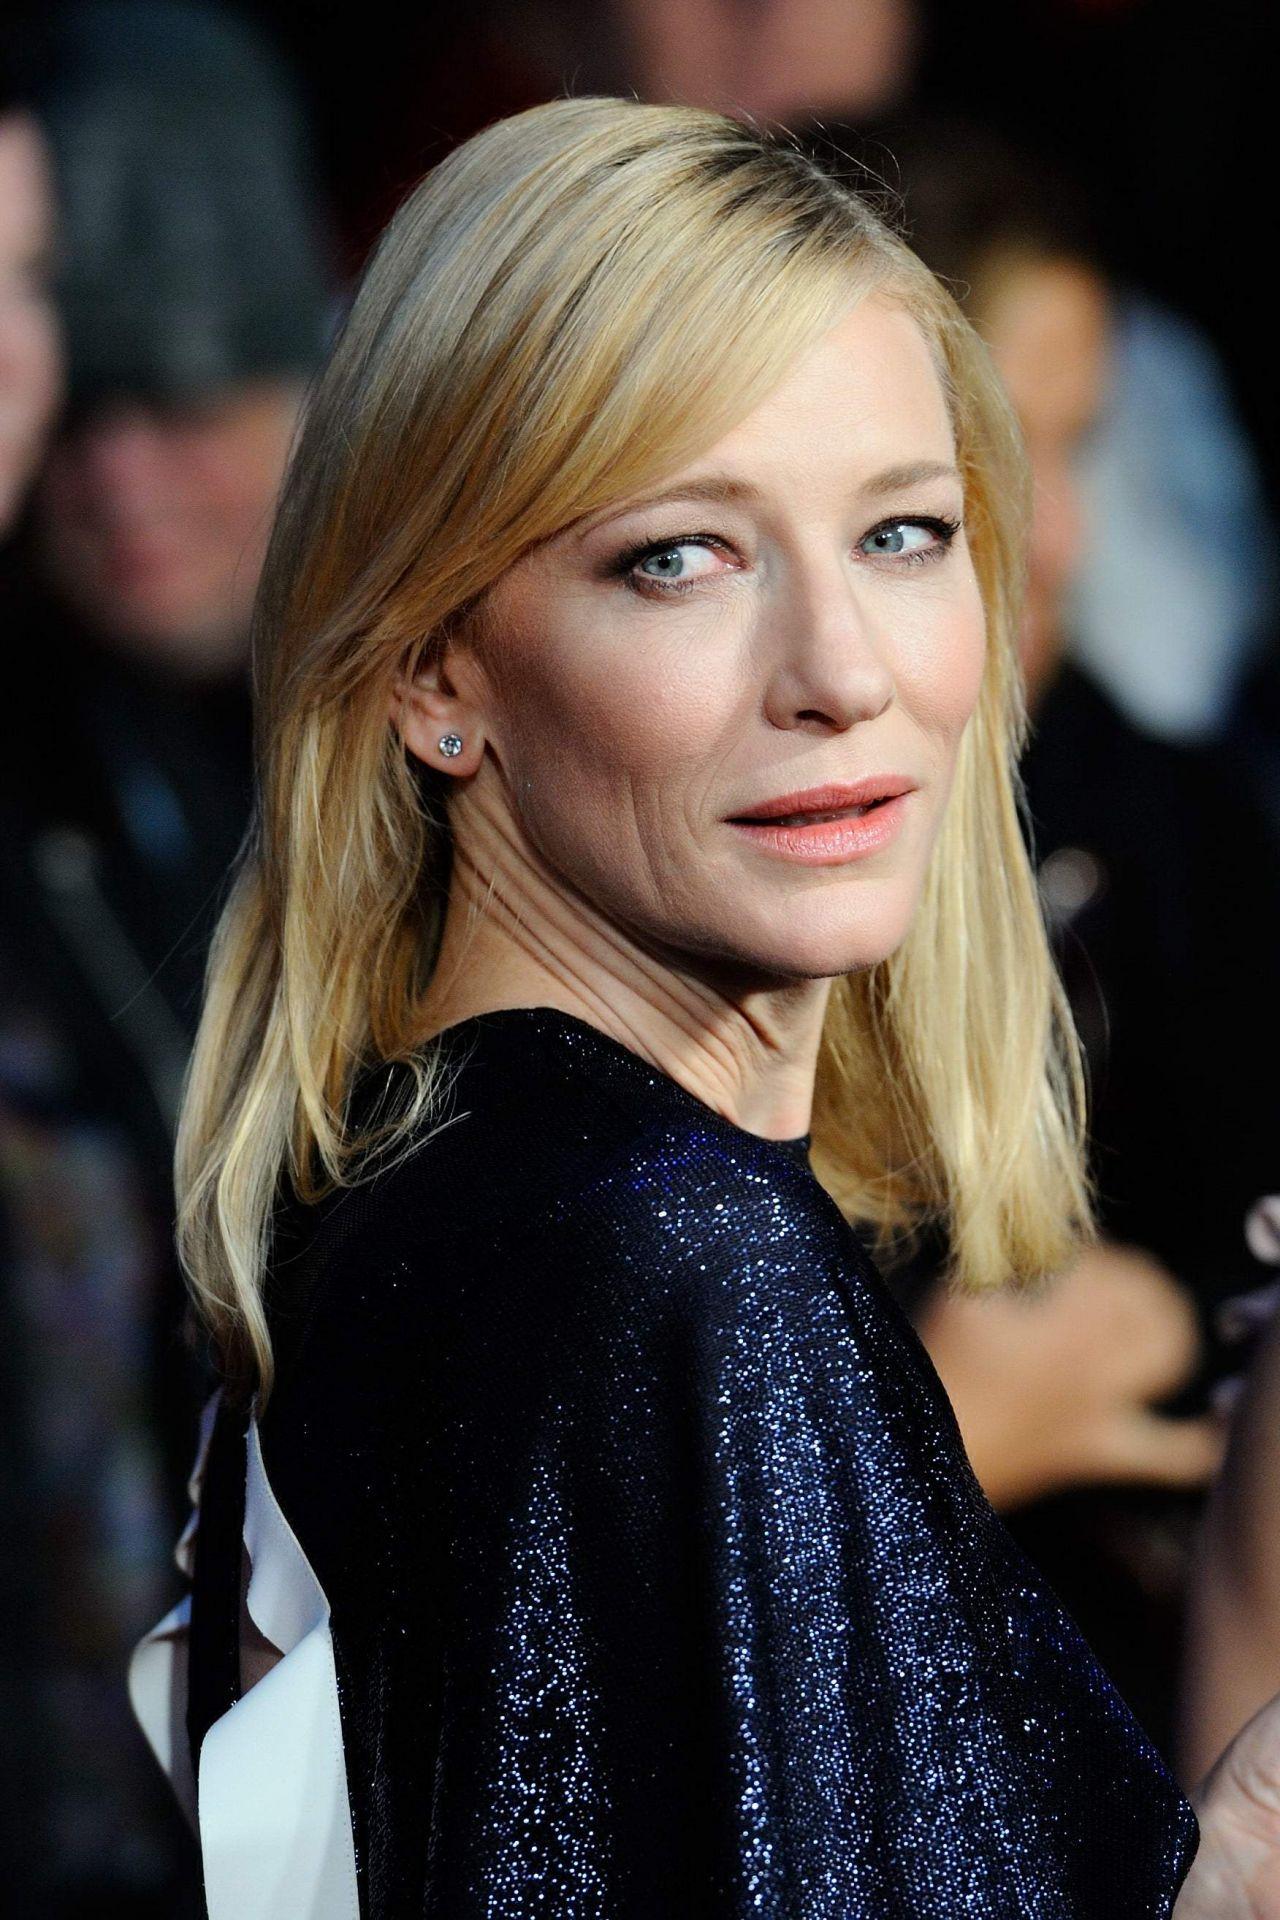 Cate Blanchett On Red Carpet Carol Premiere Bfi London Film Festival